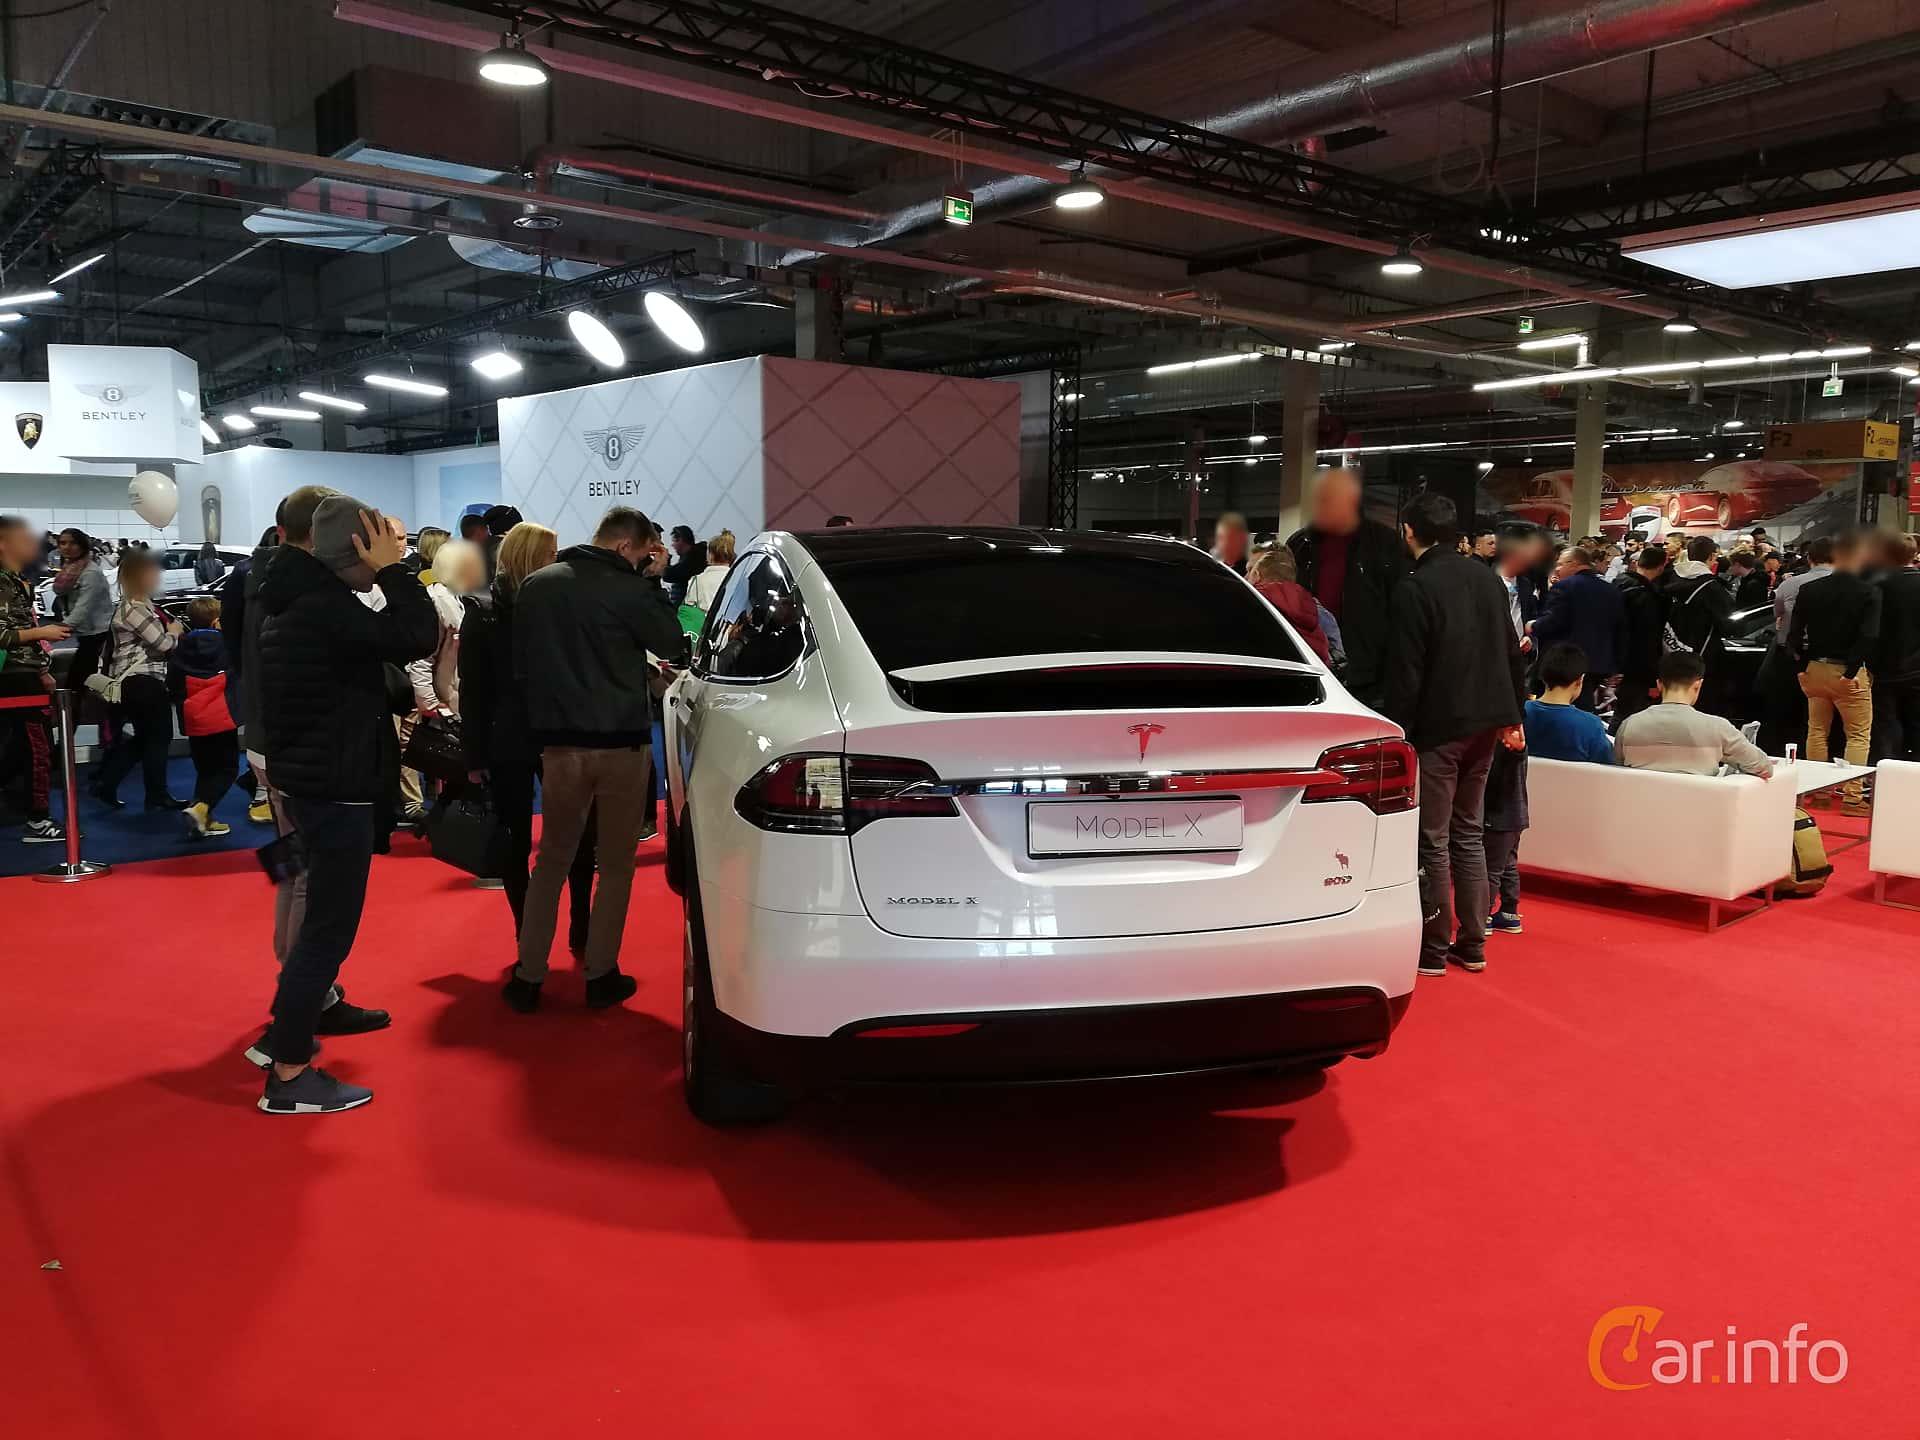 Tesla Model X 90D 90 kWh AWD Single Speed, 423hp, 2018 at Warsawa Motorshow 2018